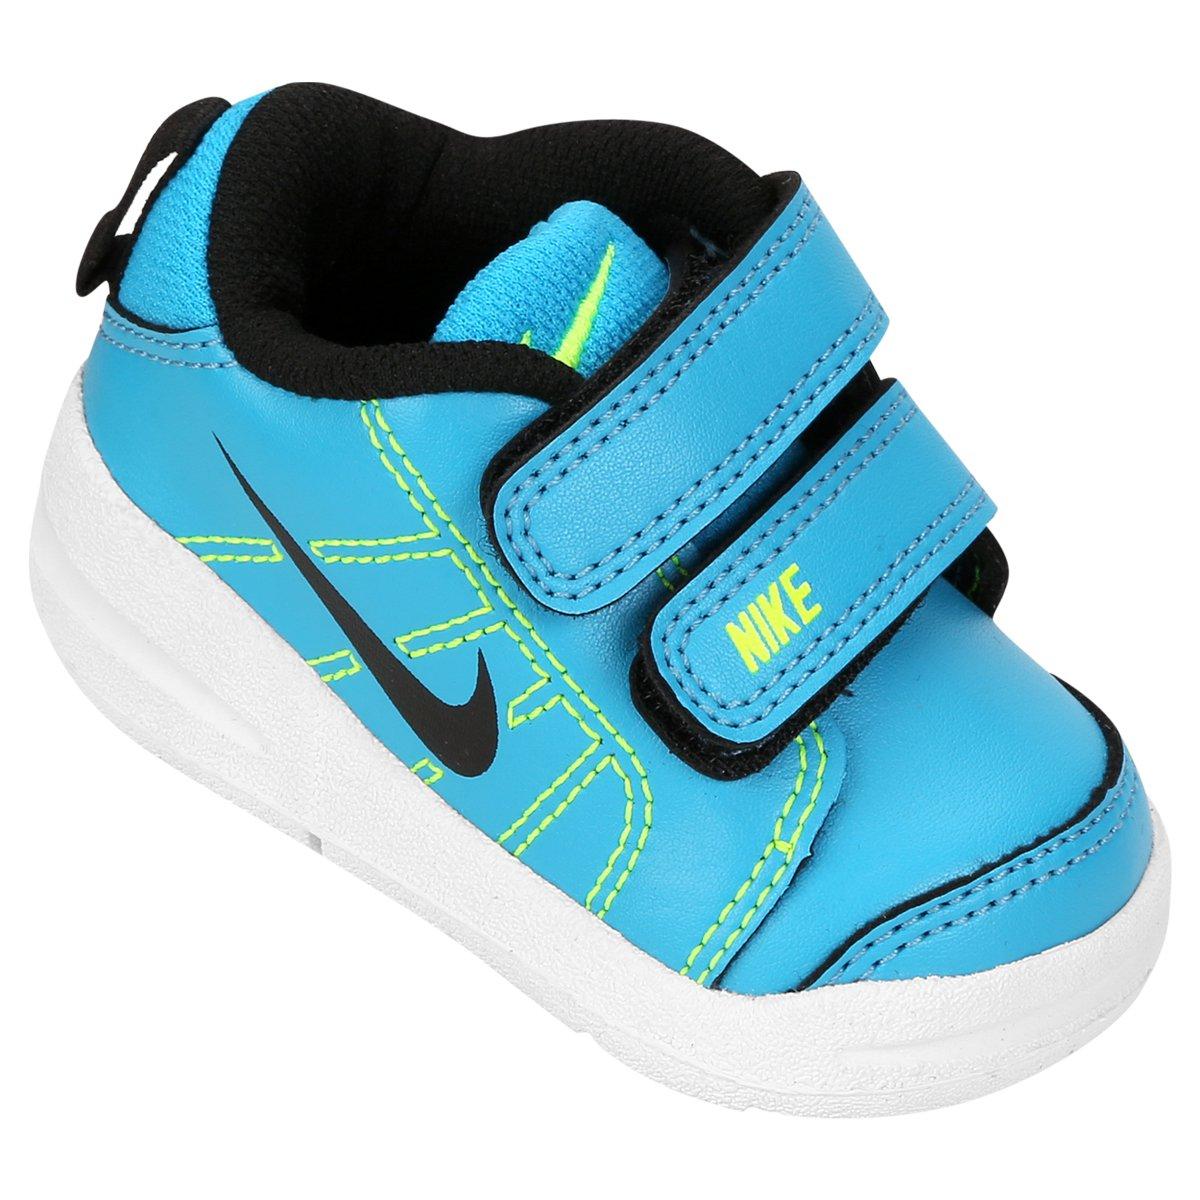 545c5955e833 Tênis Infantil Nike Pico Lt Masculino - Azul Piscina e Verde Limão - Compre  Agora